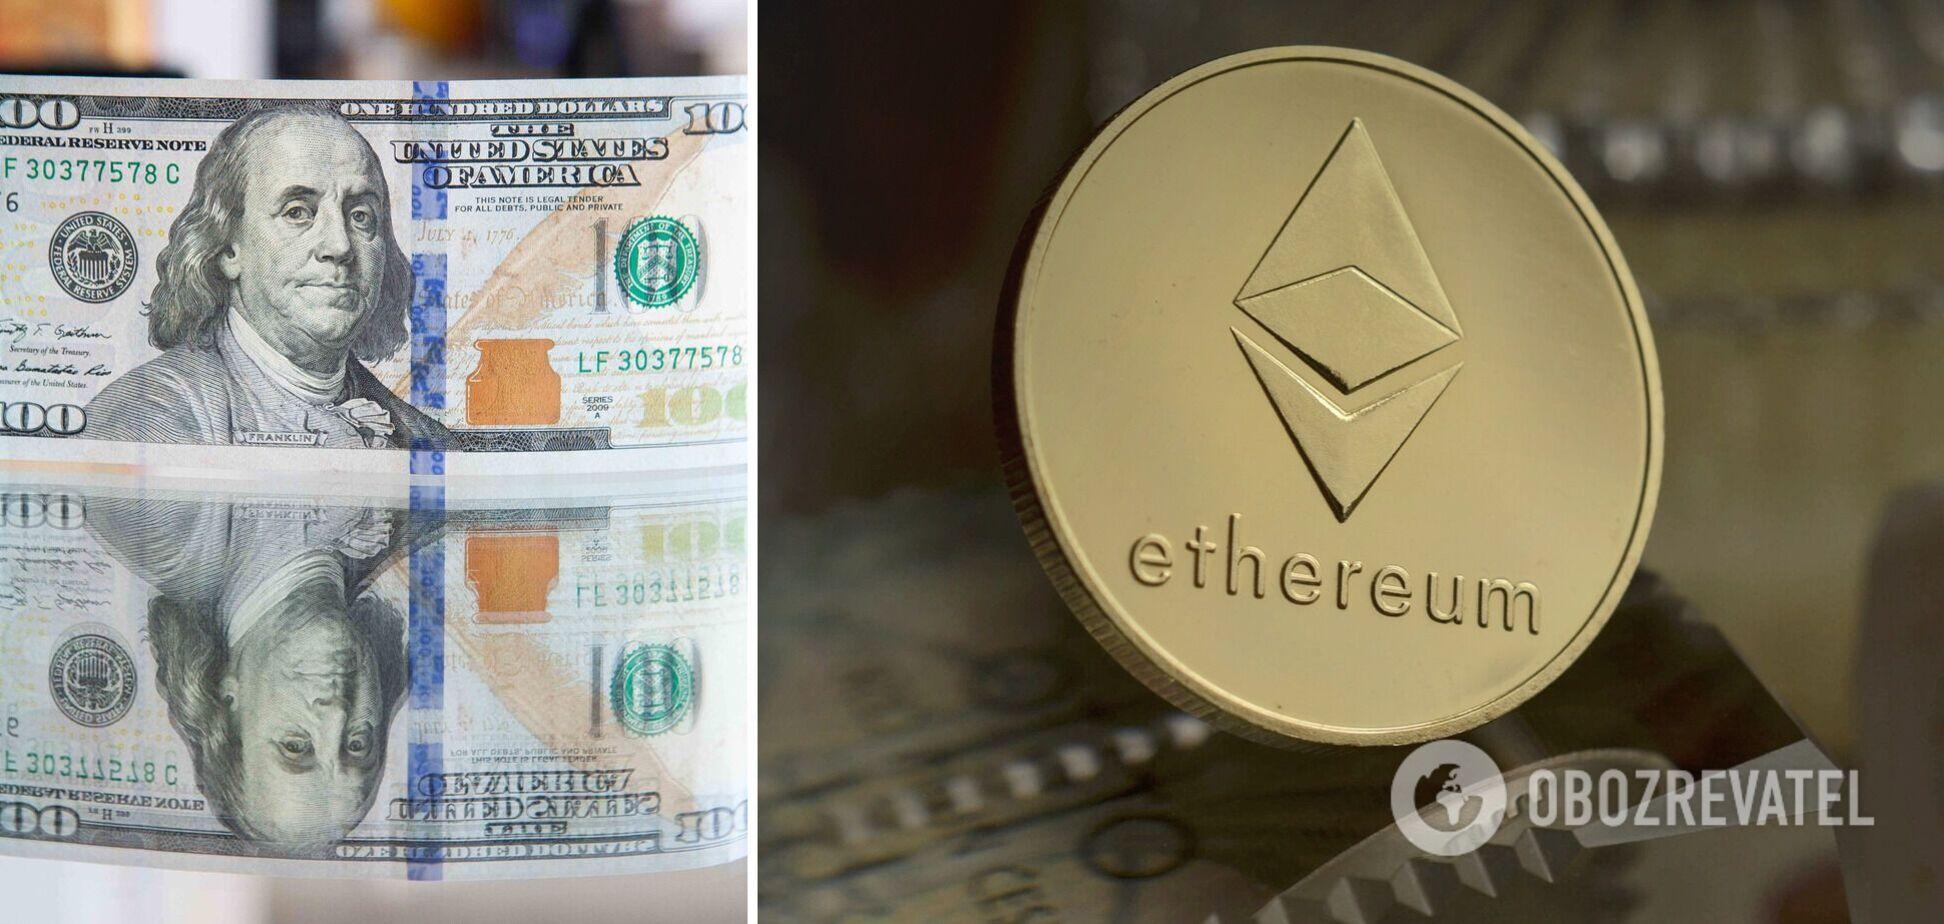 Курс Ethereum может взлететь до $40 тысяч